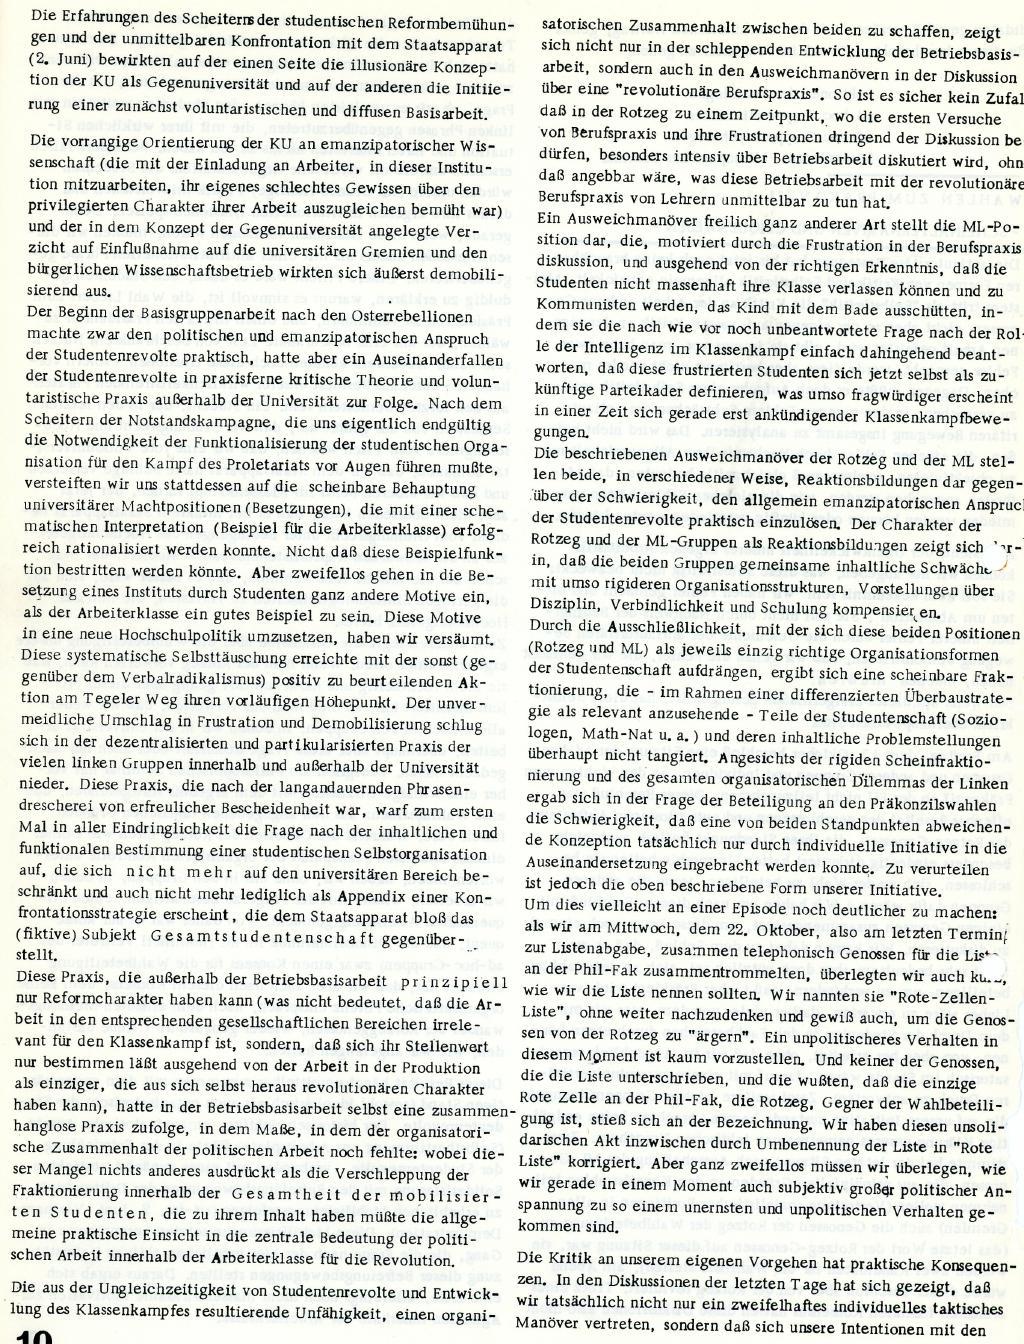 RPK_1969_037_10